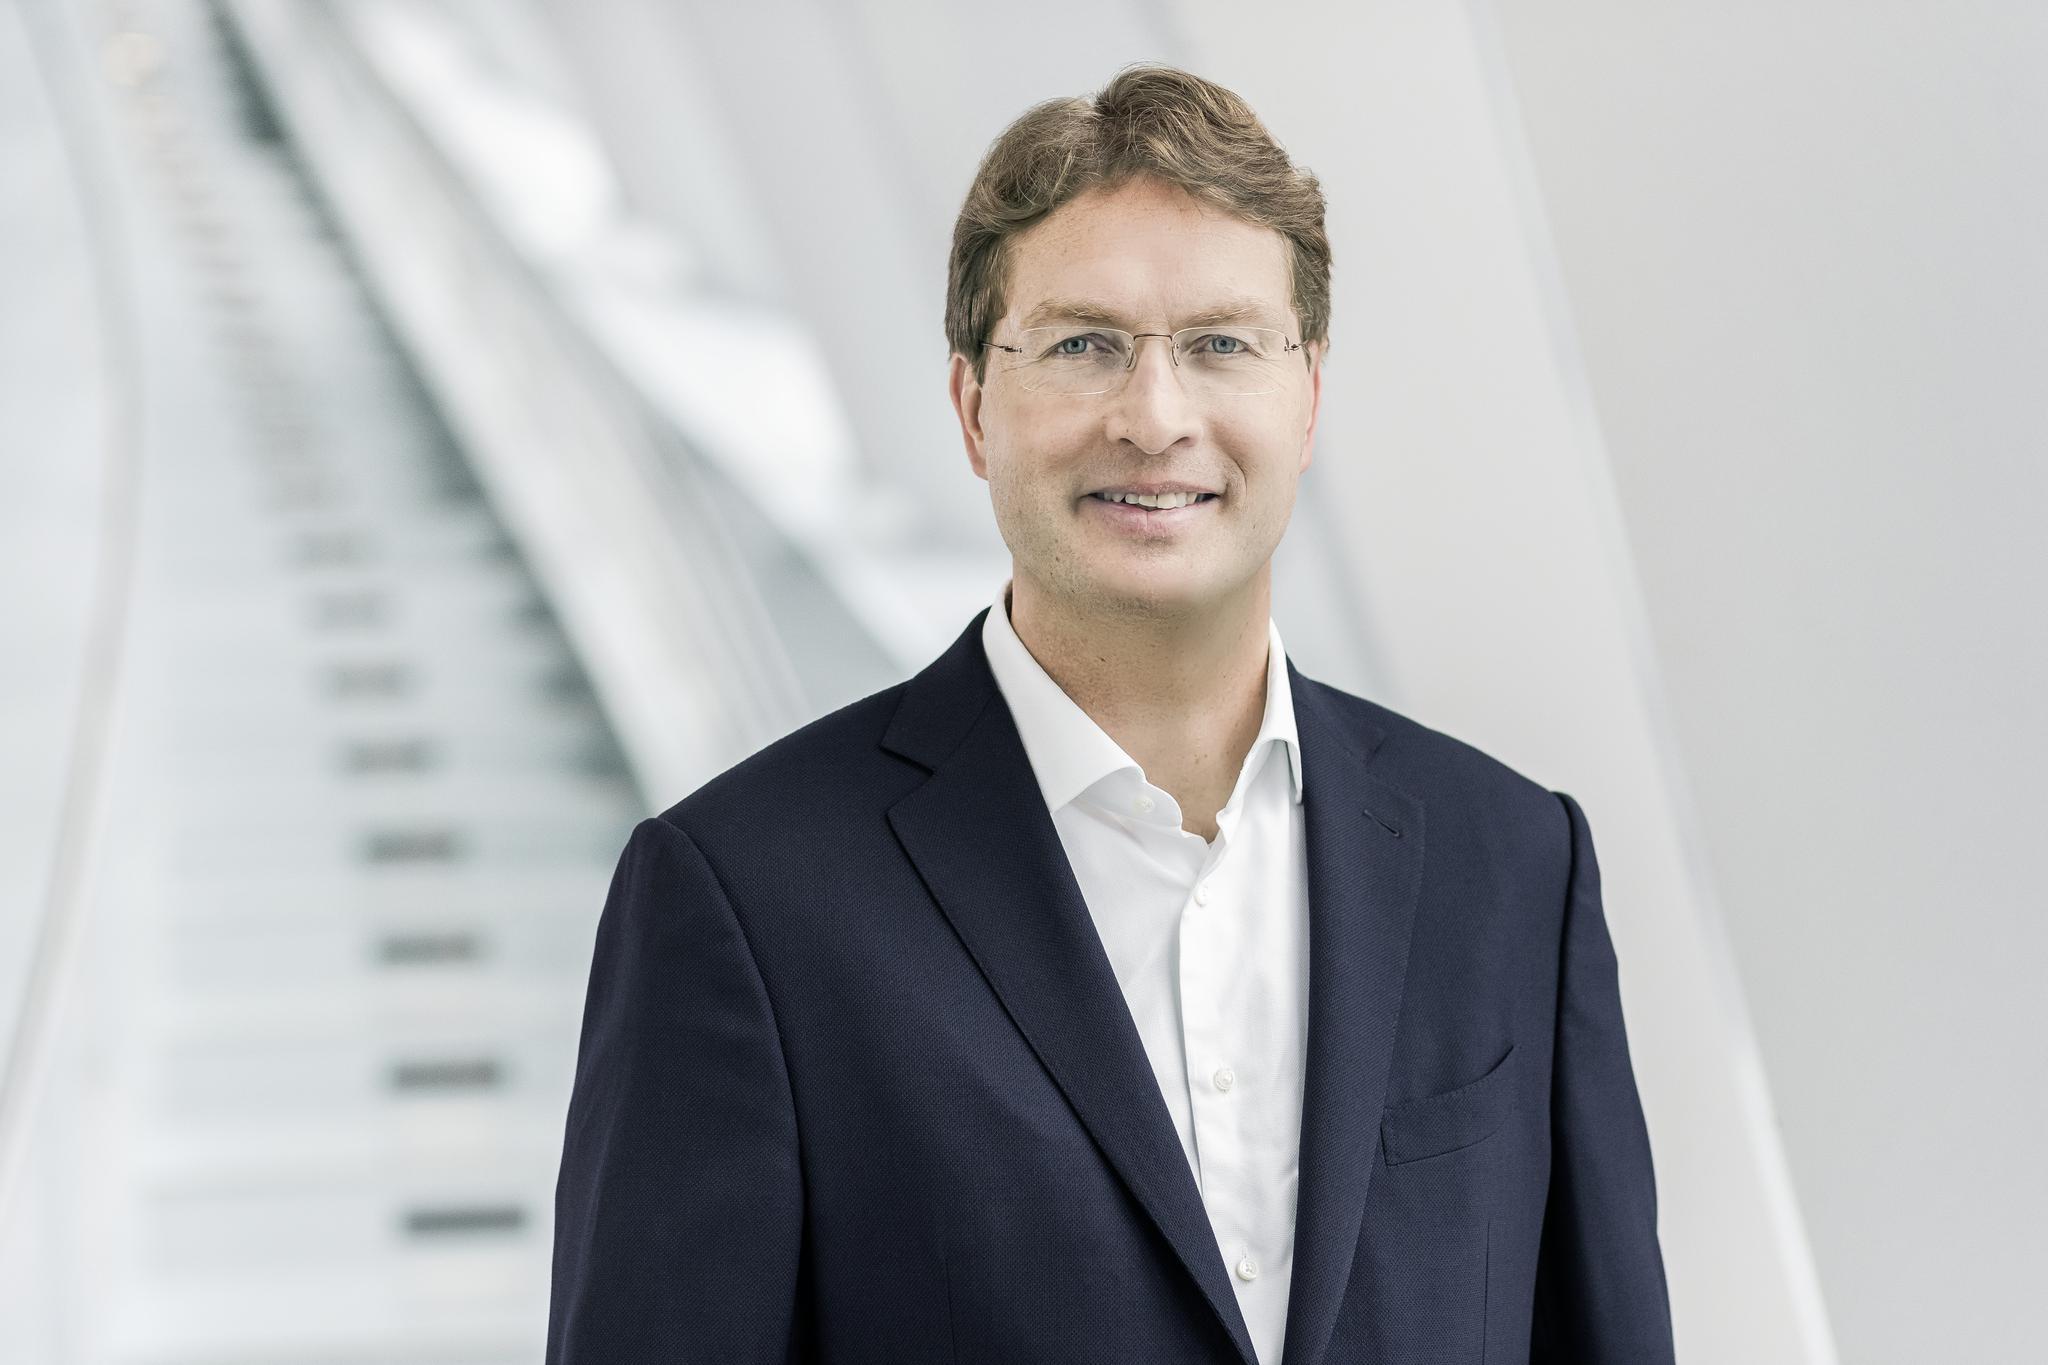 戴姆勒股份公司董事会成员、负责集团研发兼梅赛德斯-奔驰汽车集团研发 康林松(Ola Källenius)先生